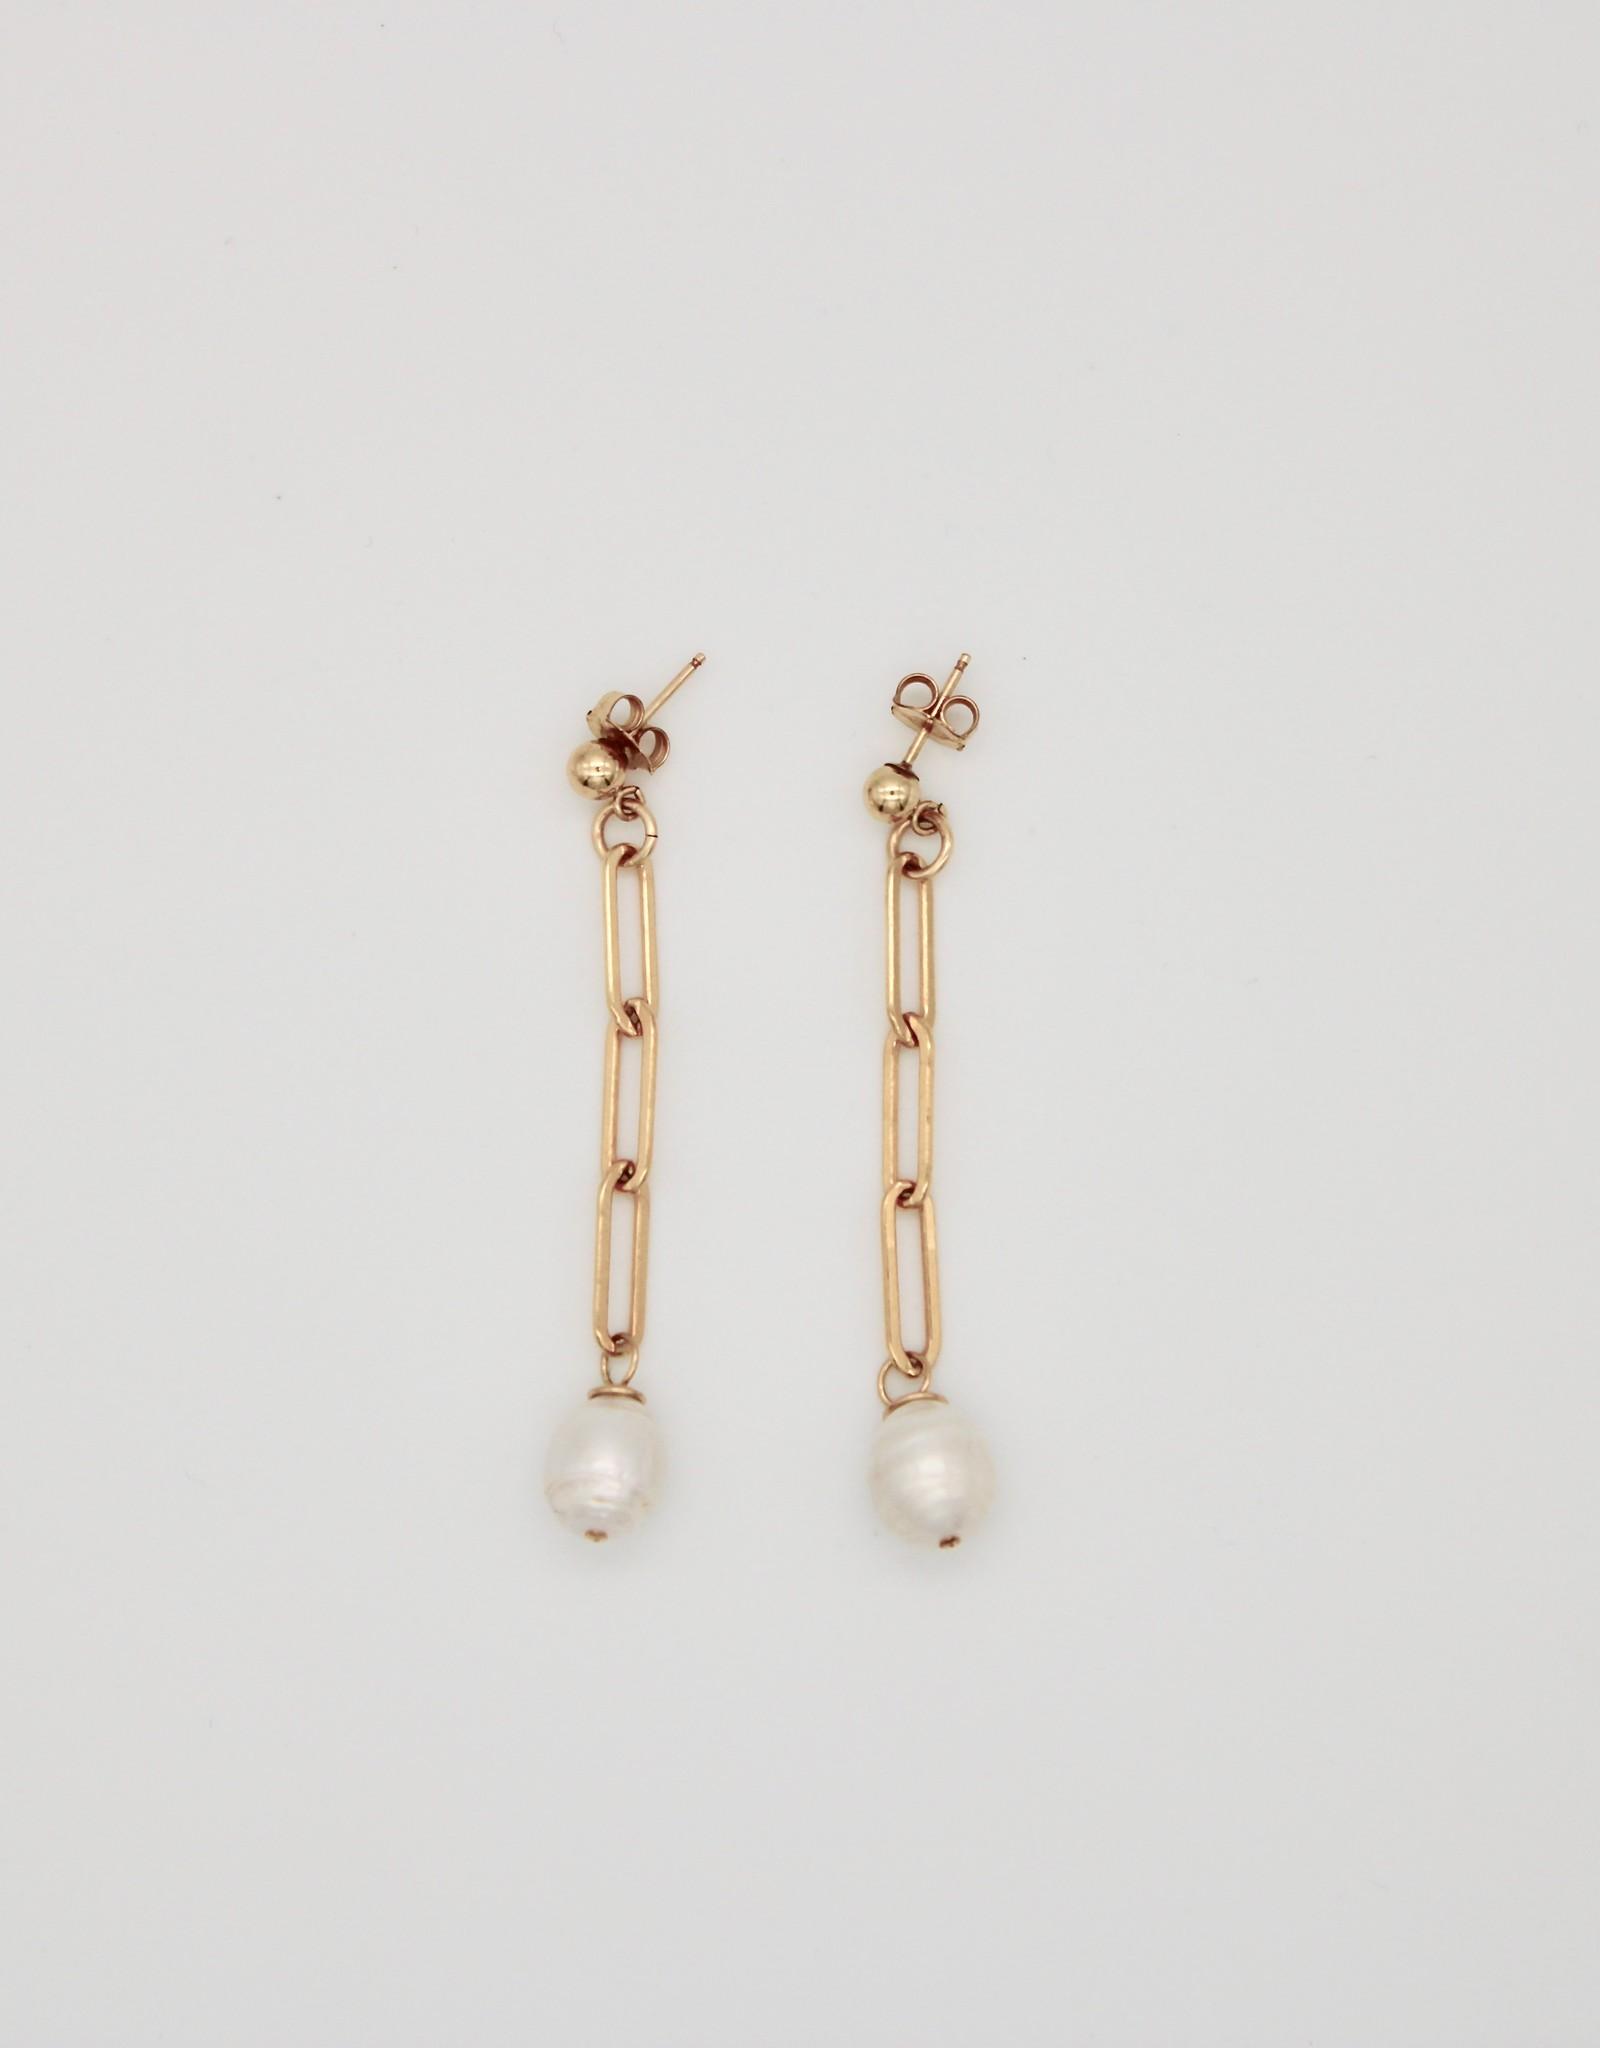 Karla Pattur KP34 Long Chain Earrings w/ Saltwater Pearl